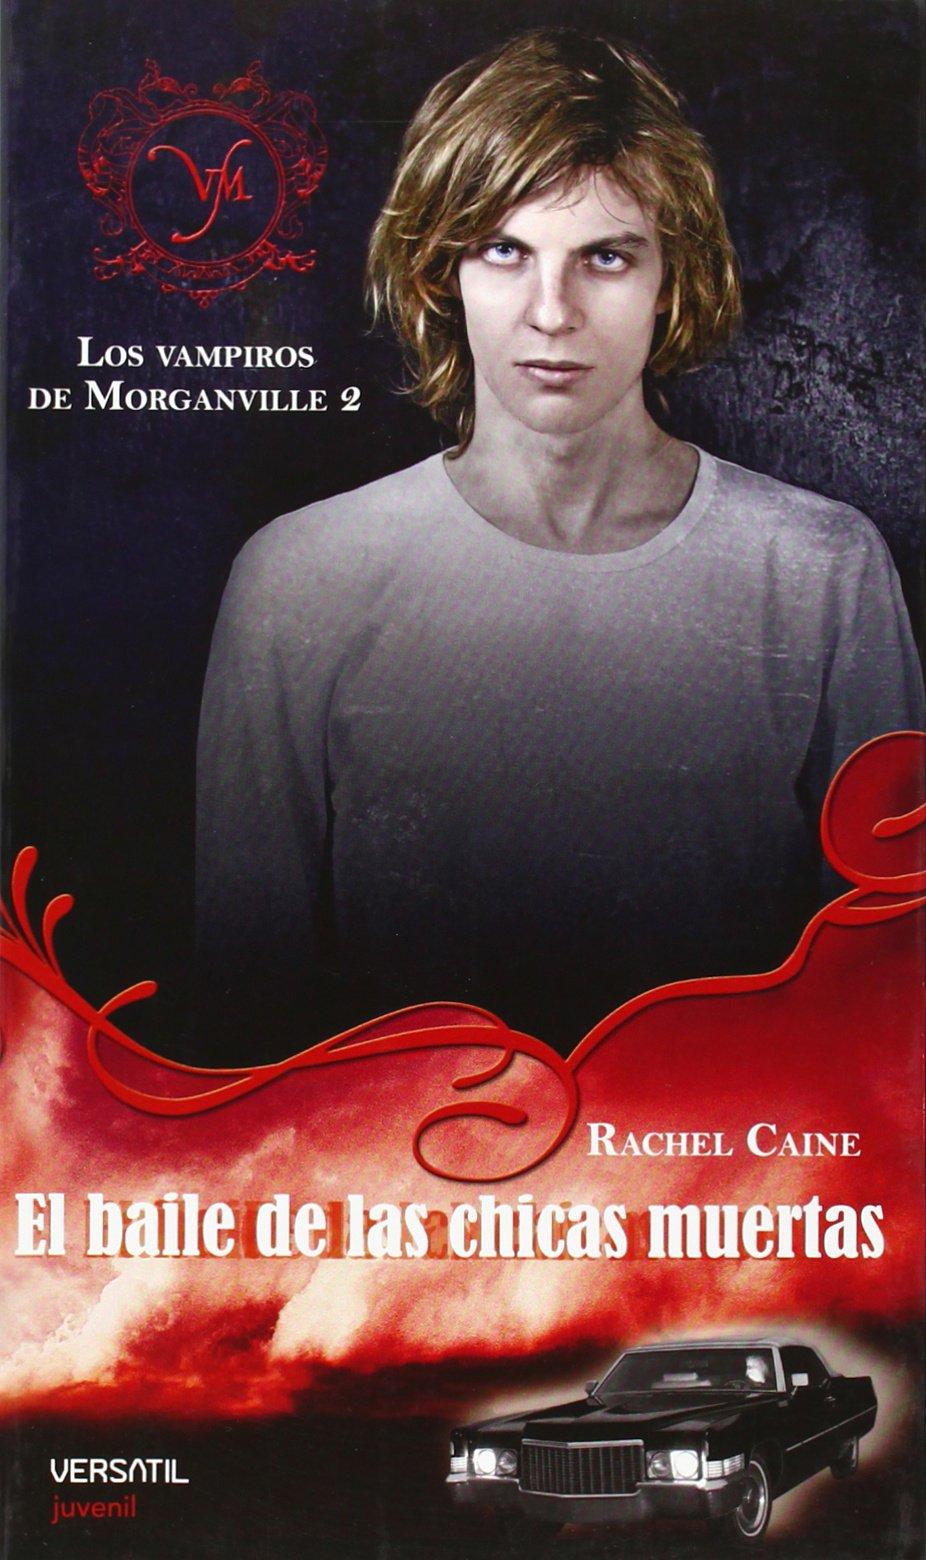 Los Vampiros de Morganville: Vampiros De Morganville 2,Los - B Fantasia Juvenil Versatil: Amazon.es: Rachel Caine, Daniel Aldea Rossell: Libros